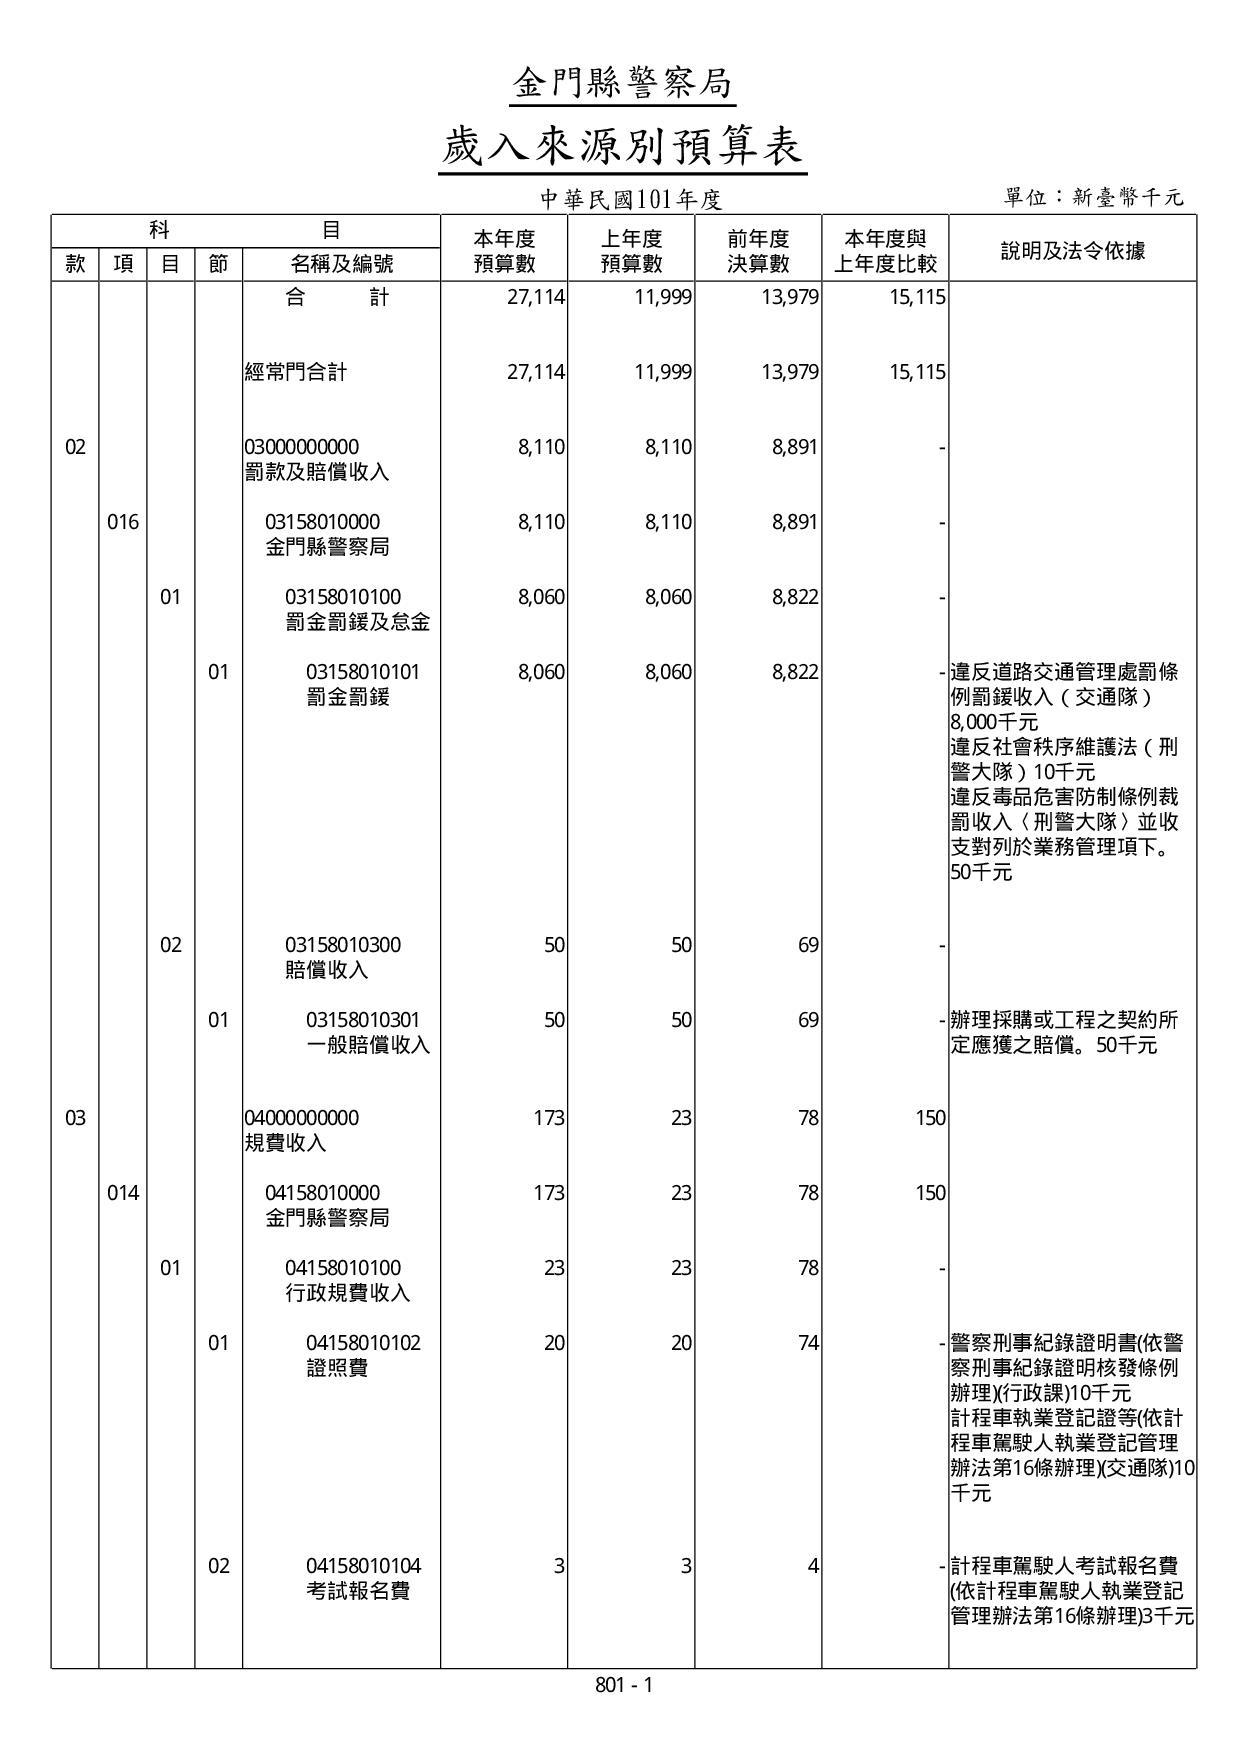 101年度歲入來源別預算表